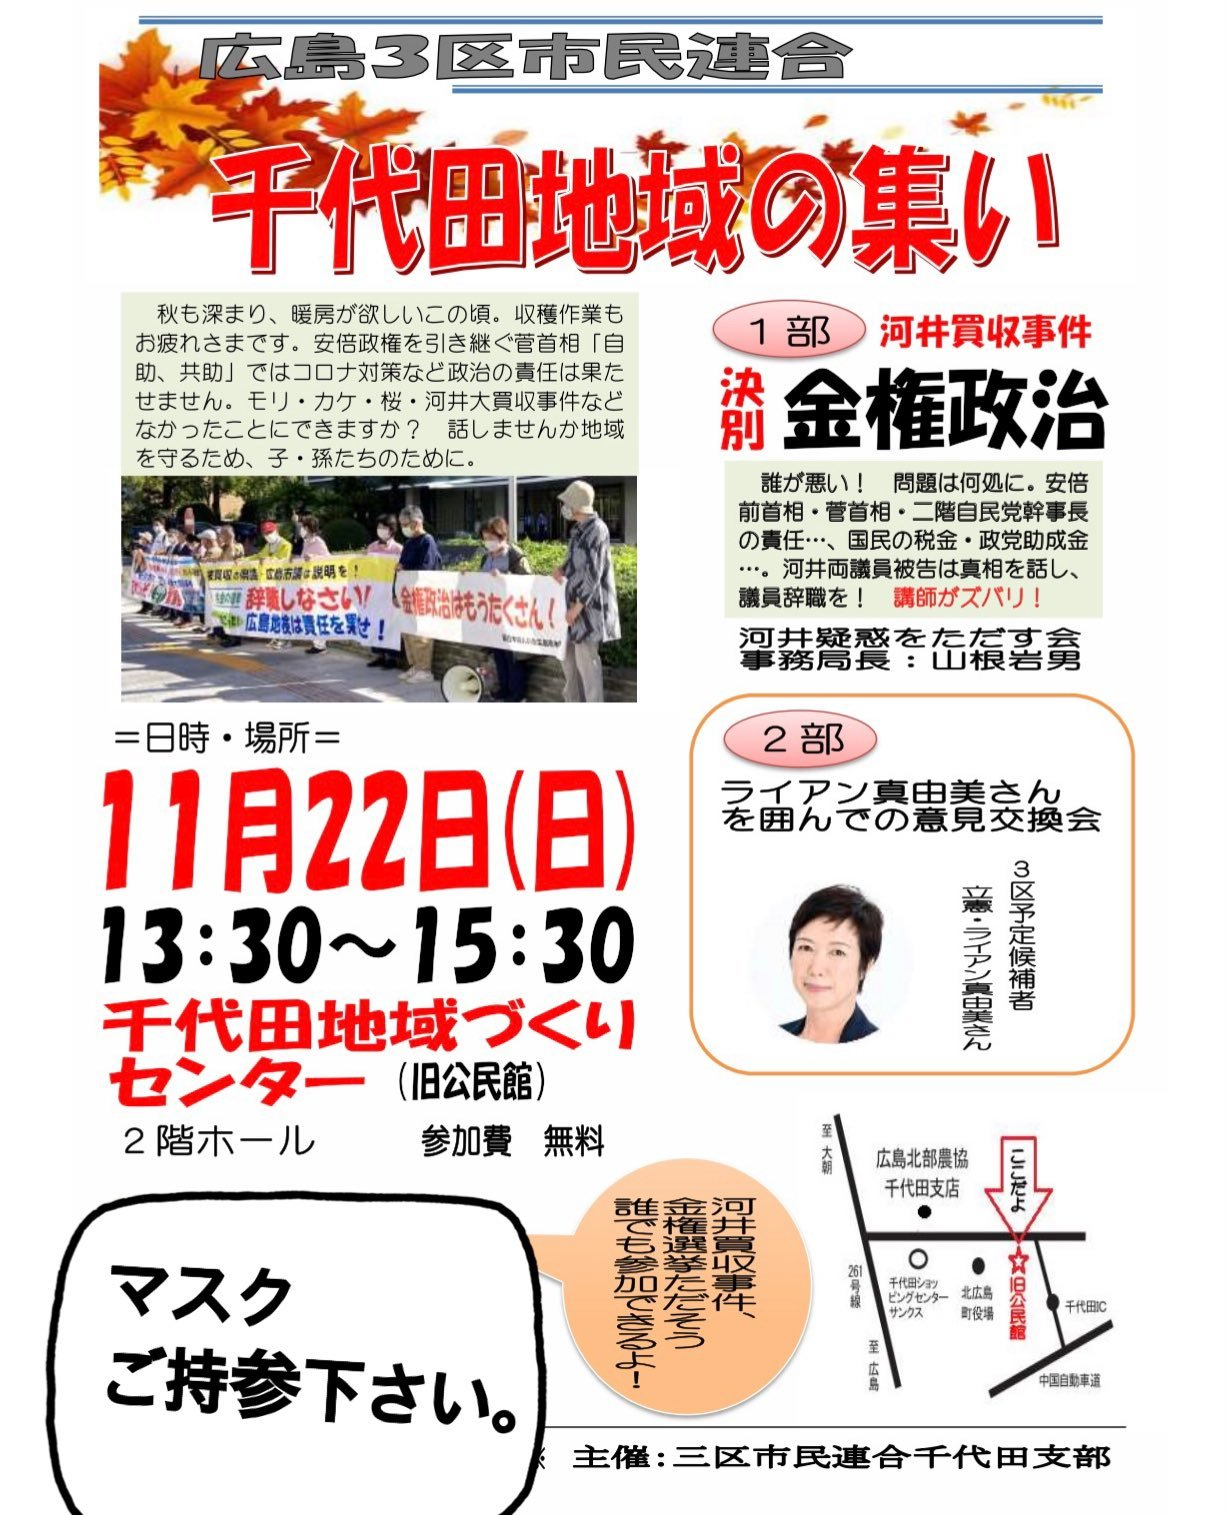 11月22日 広島3区市民連合 千代田地域の集い_e0094315_07242158.jpeg